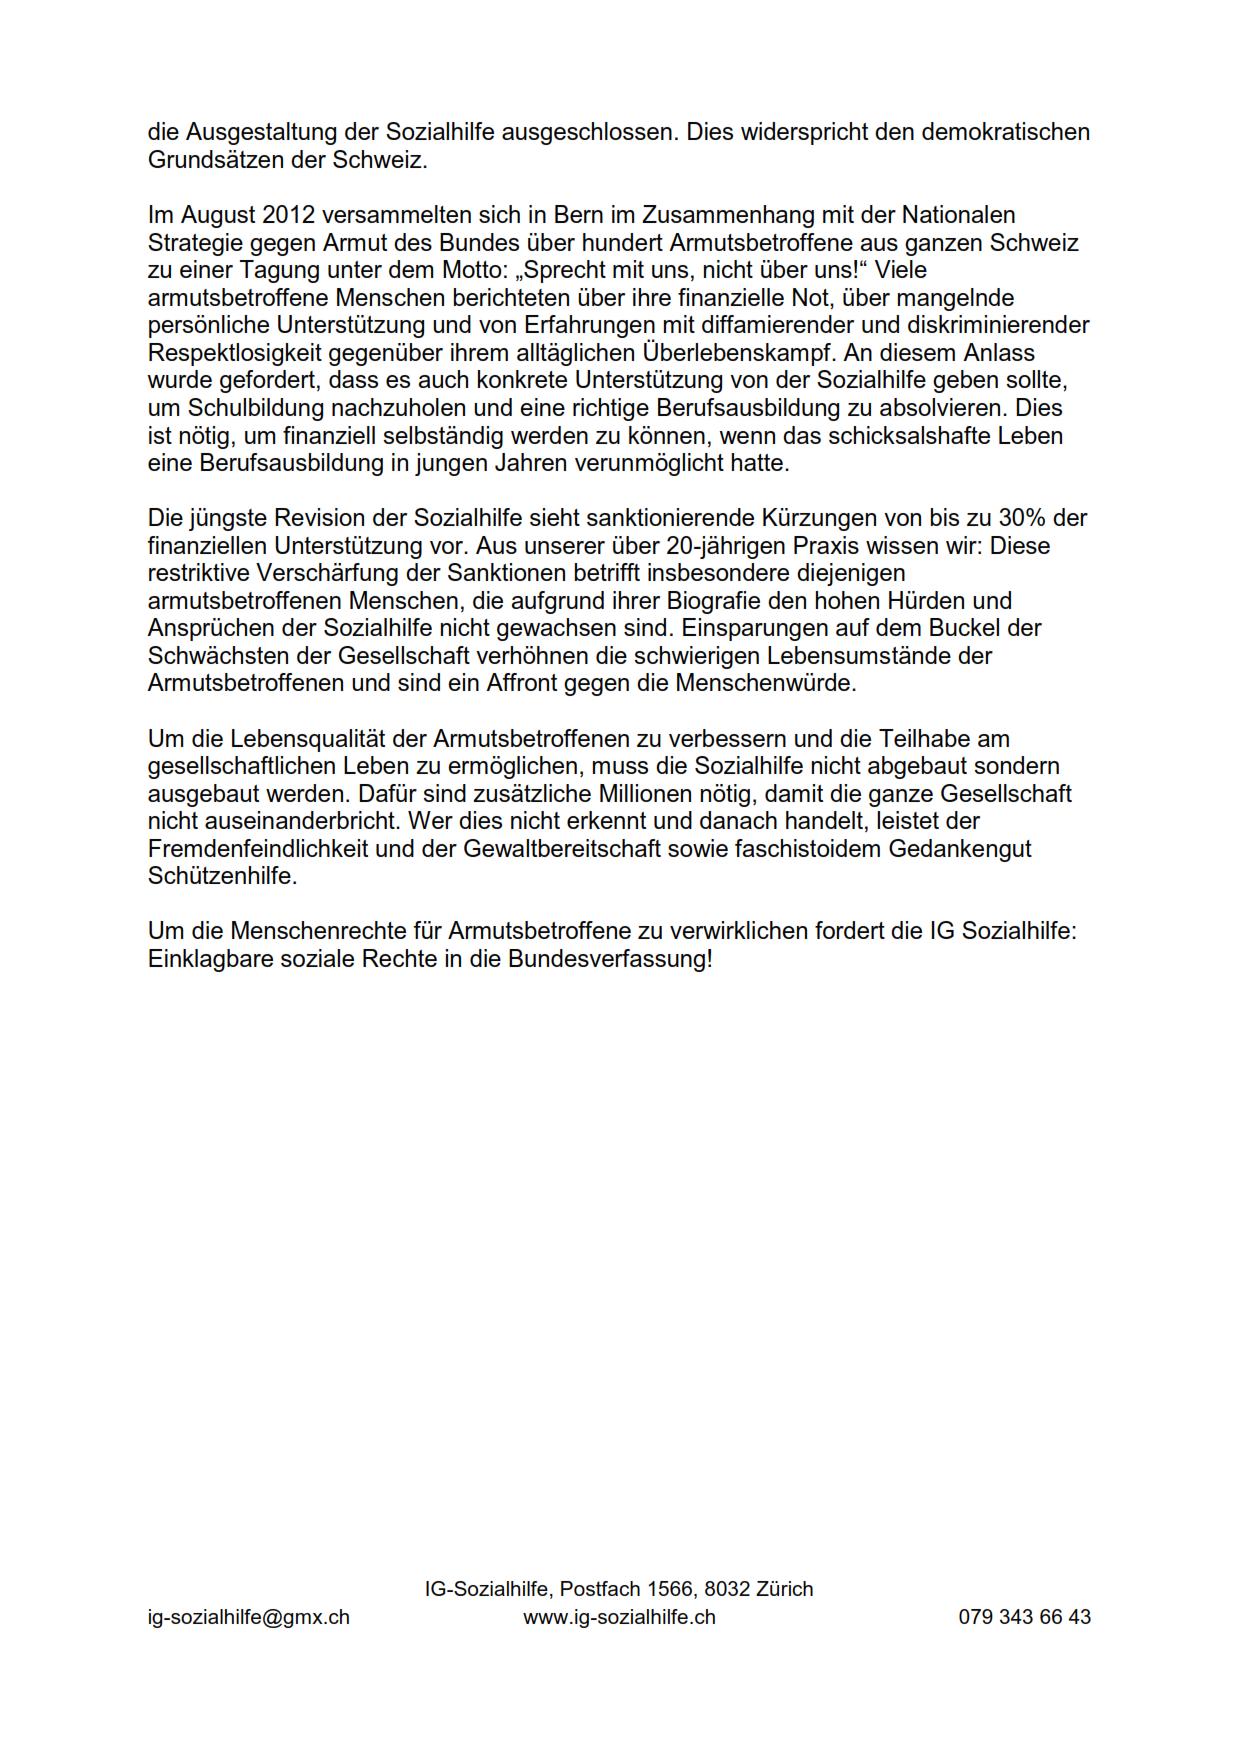 Medienmitteilung IGS Revision Sozialhilfe September 2015_002